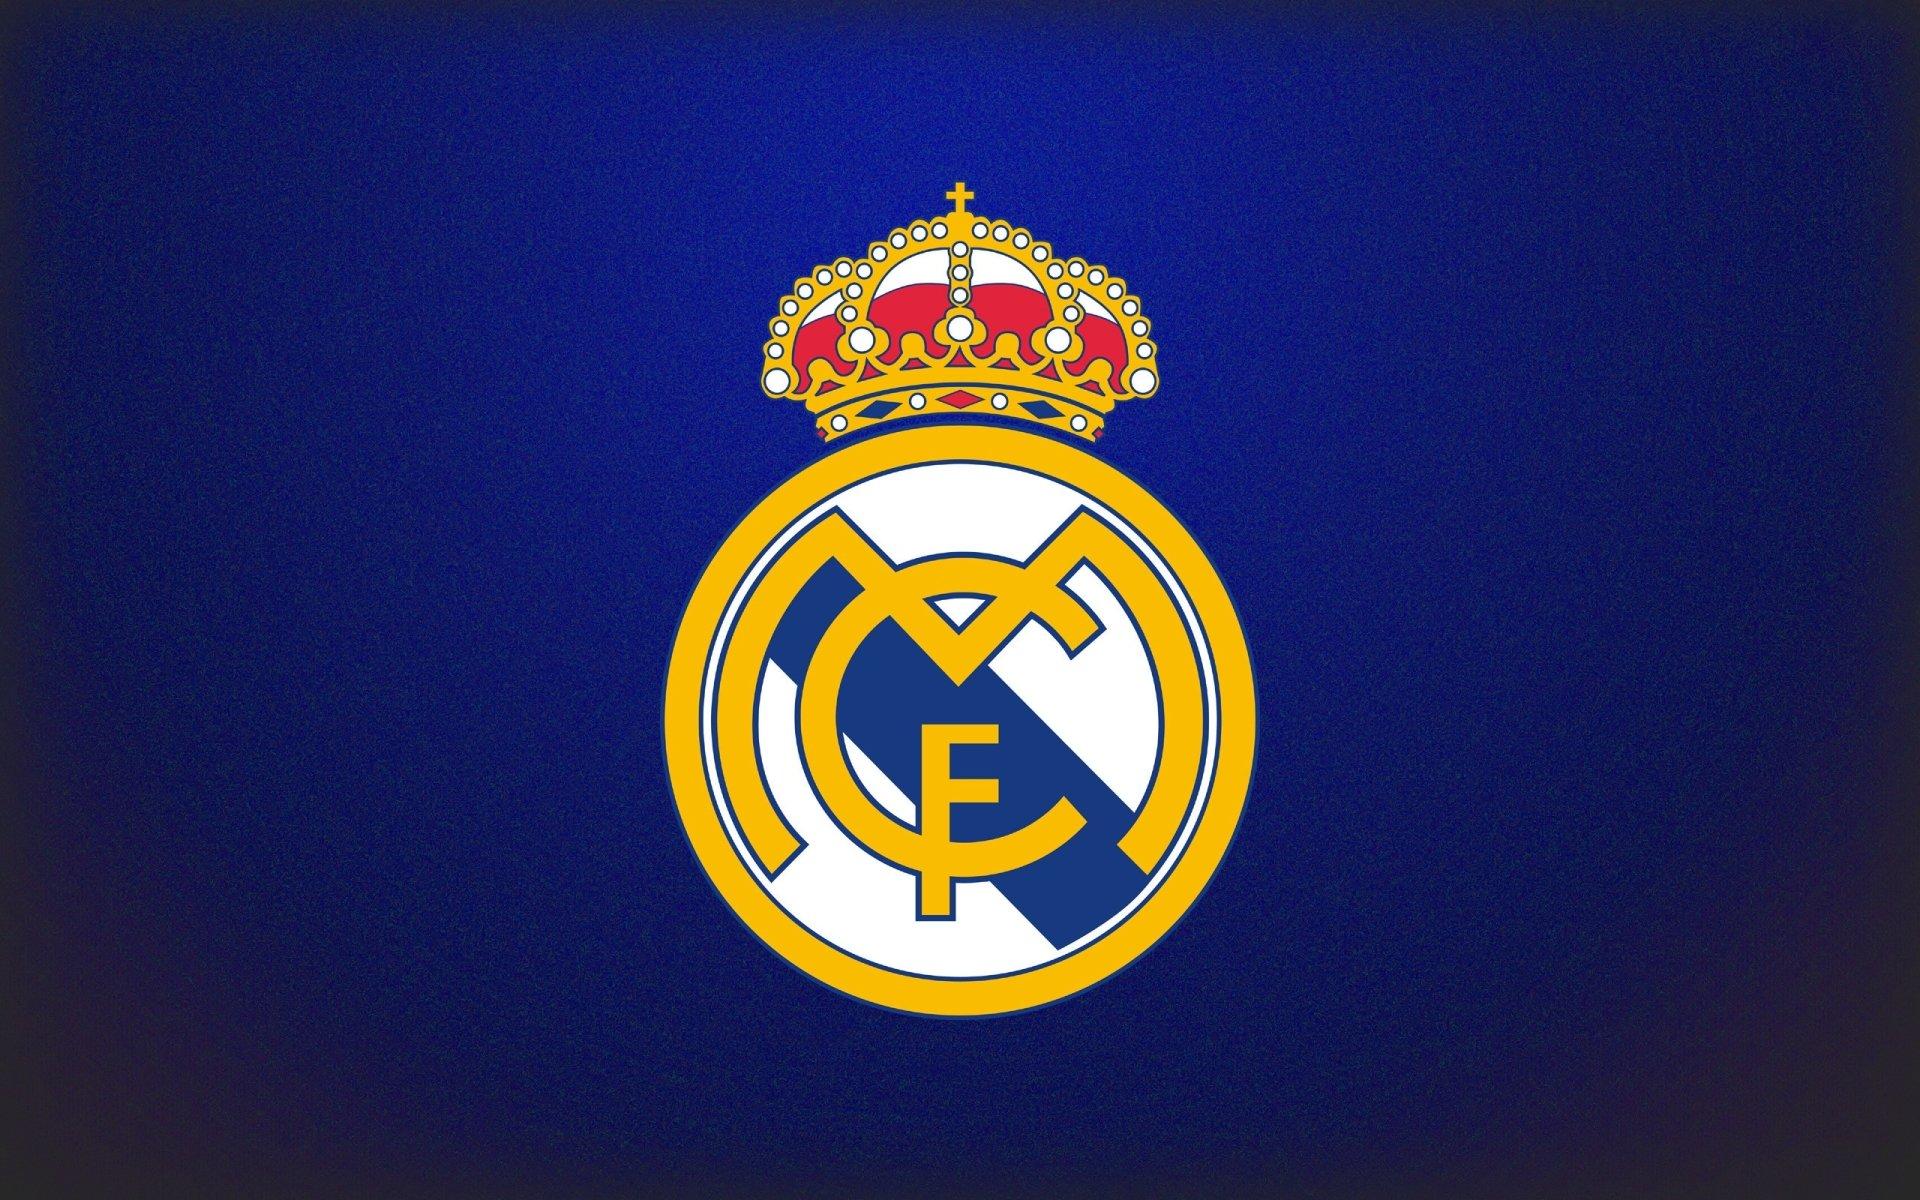 Real Madrid Wallpaper Iphone X Real Madrid Fond D 233 Cran Hd Arri 232 Re Plan 2560x1600